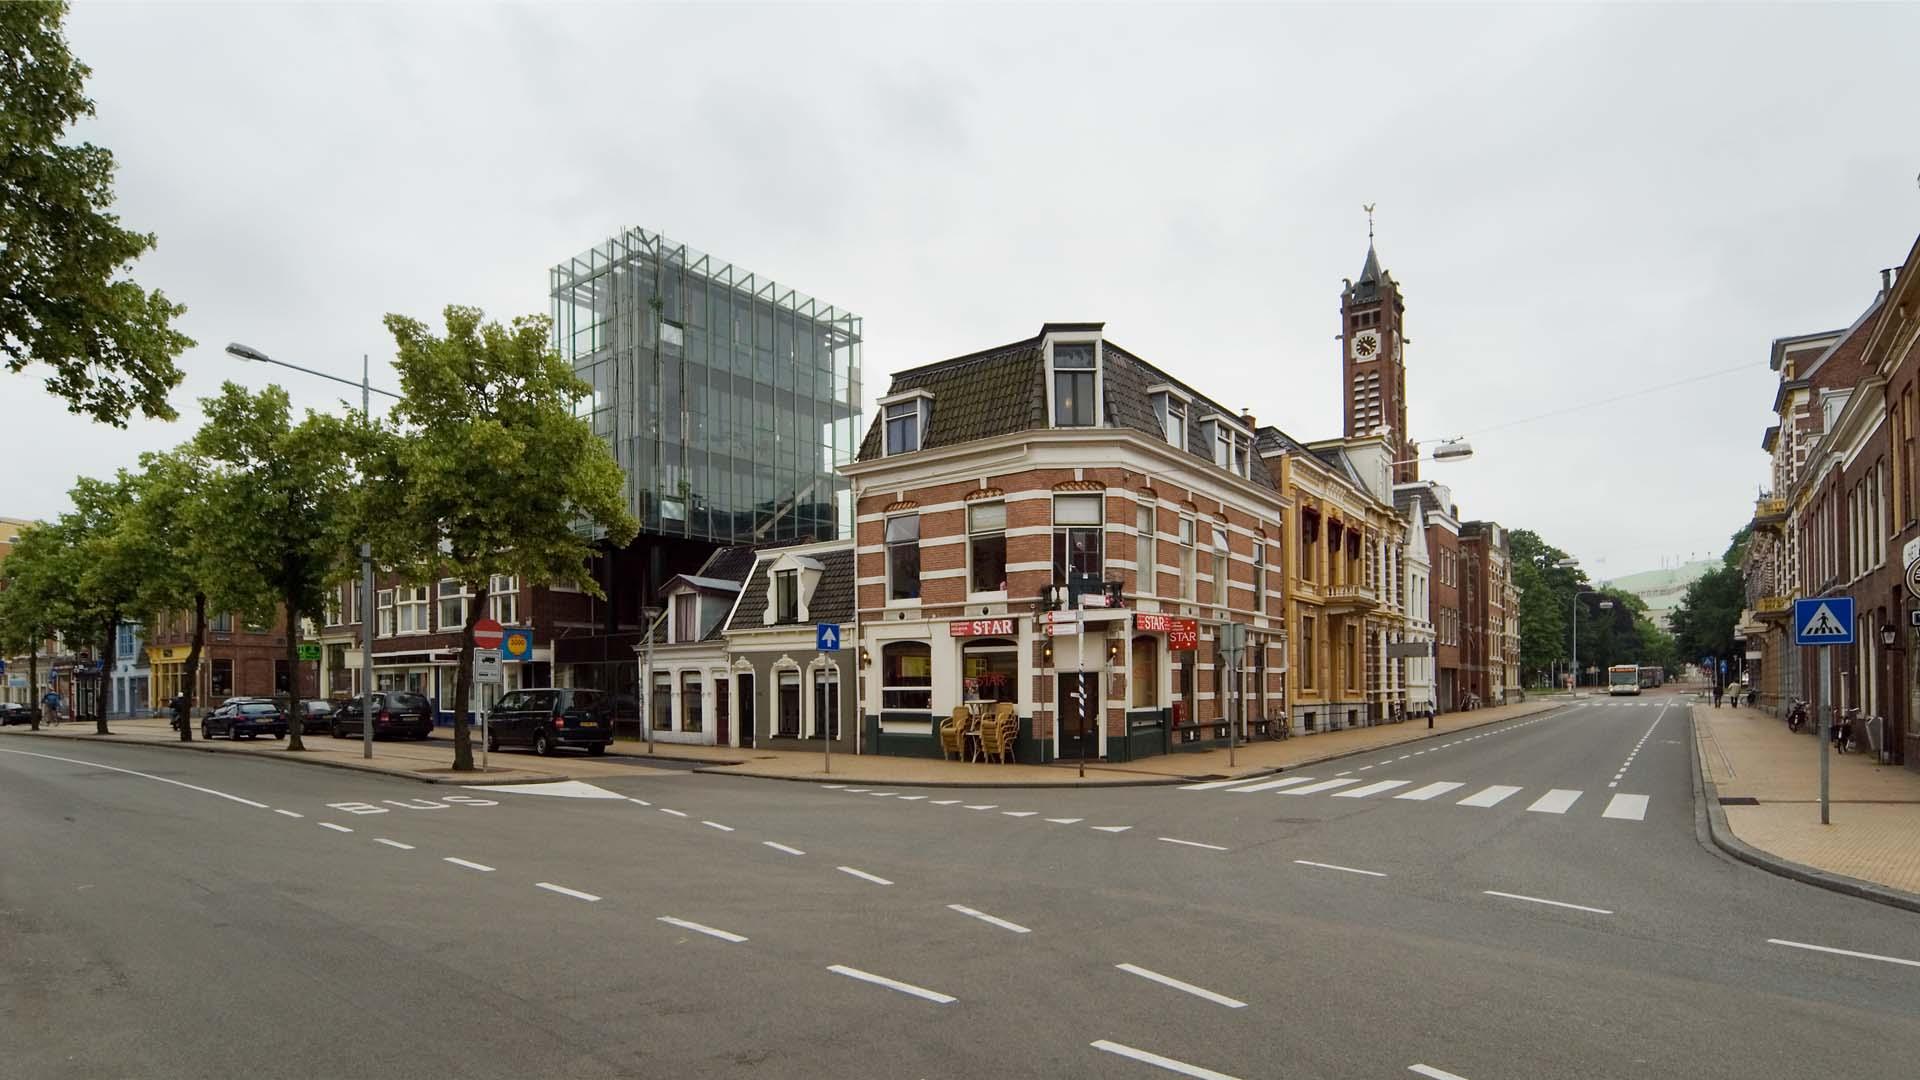 9716_Woonhuis Groningen_02